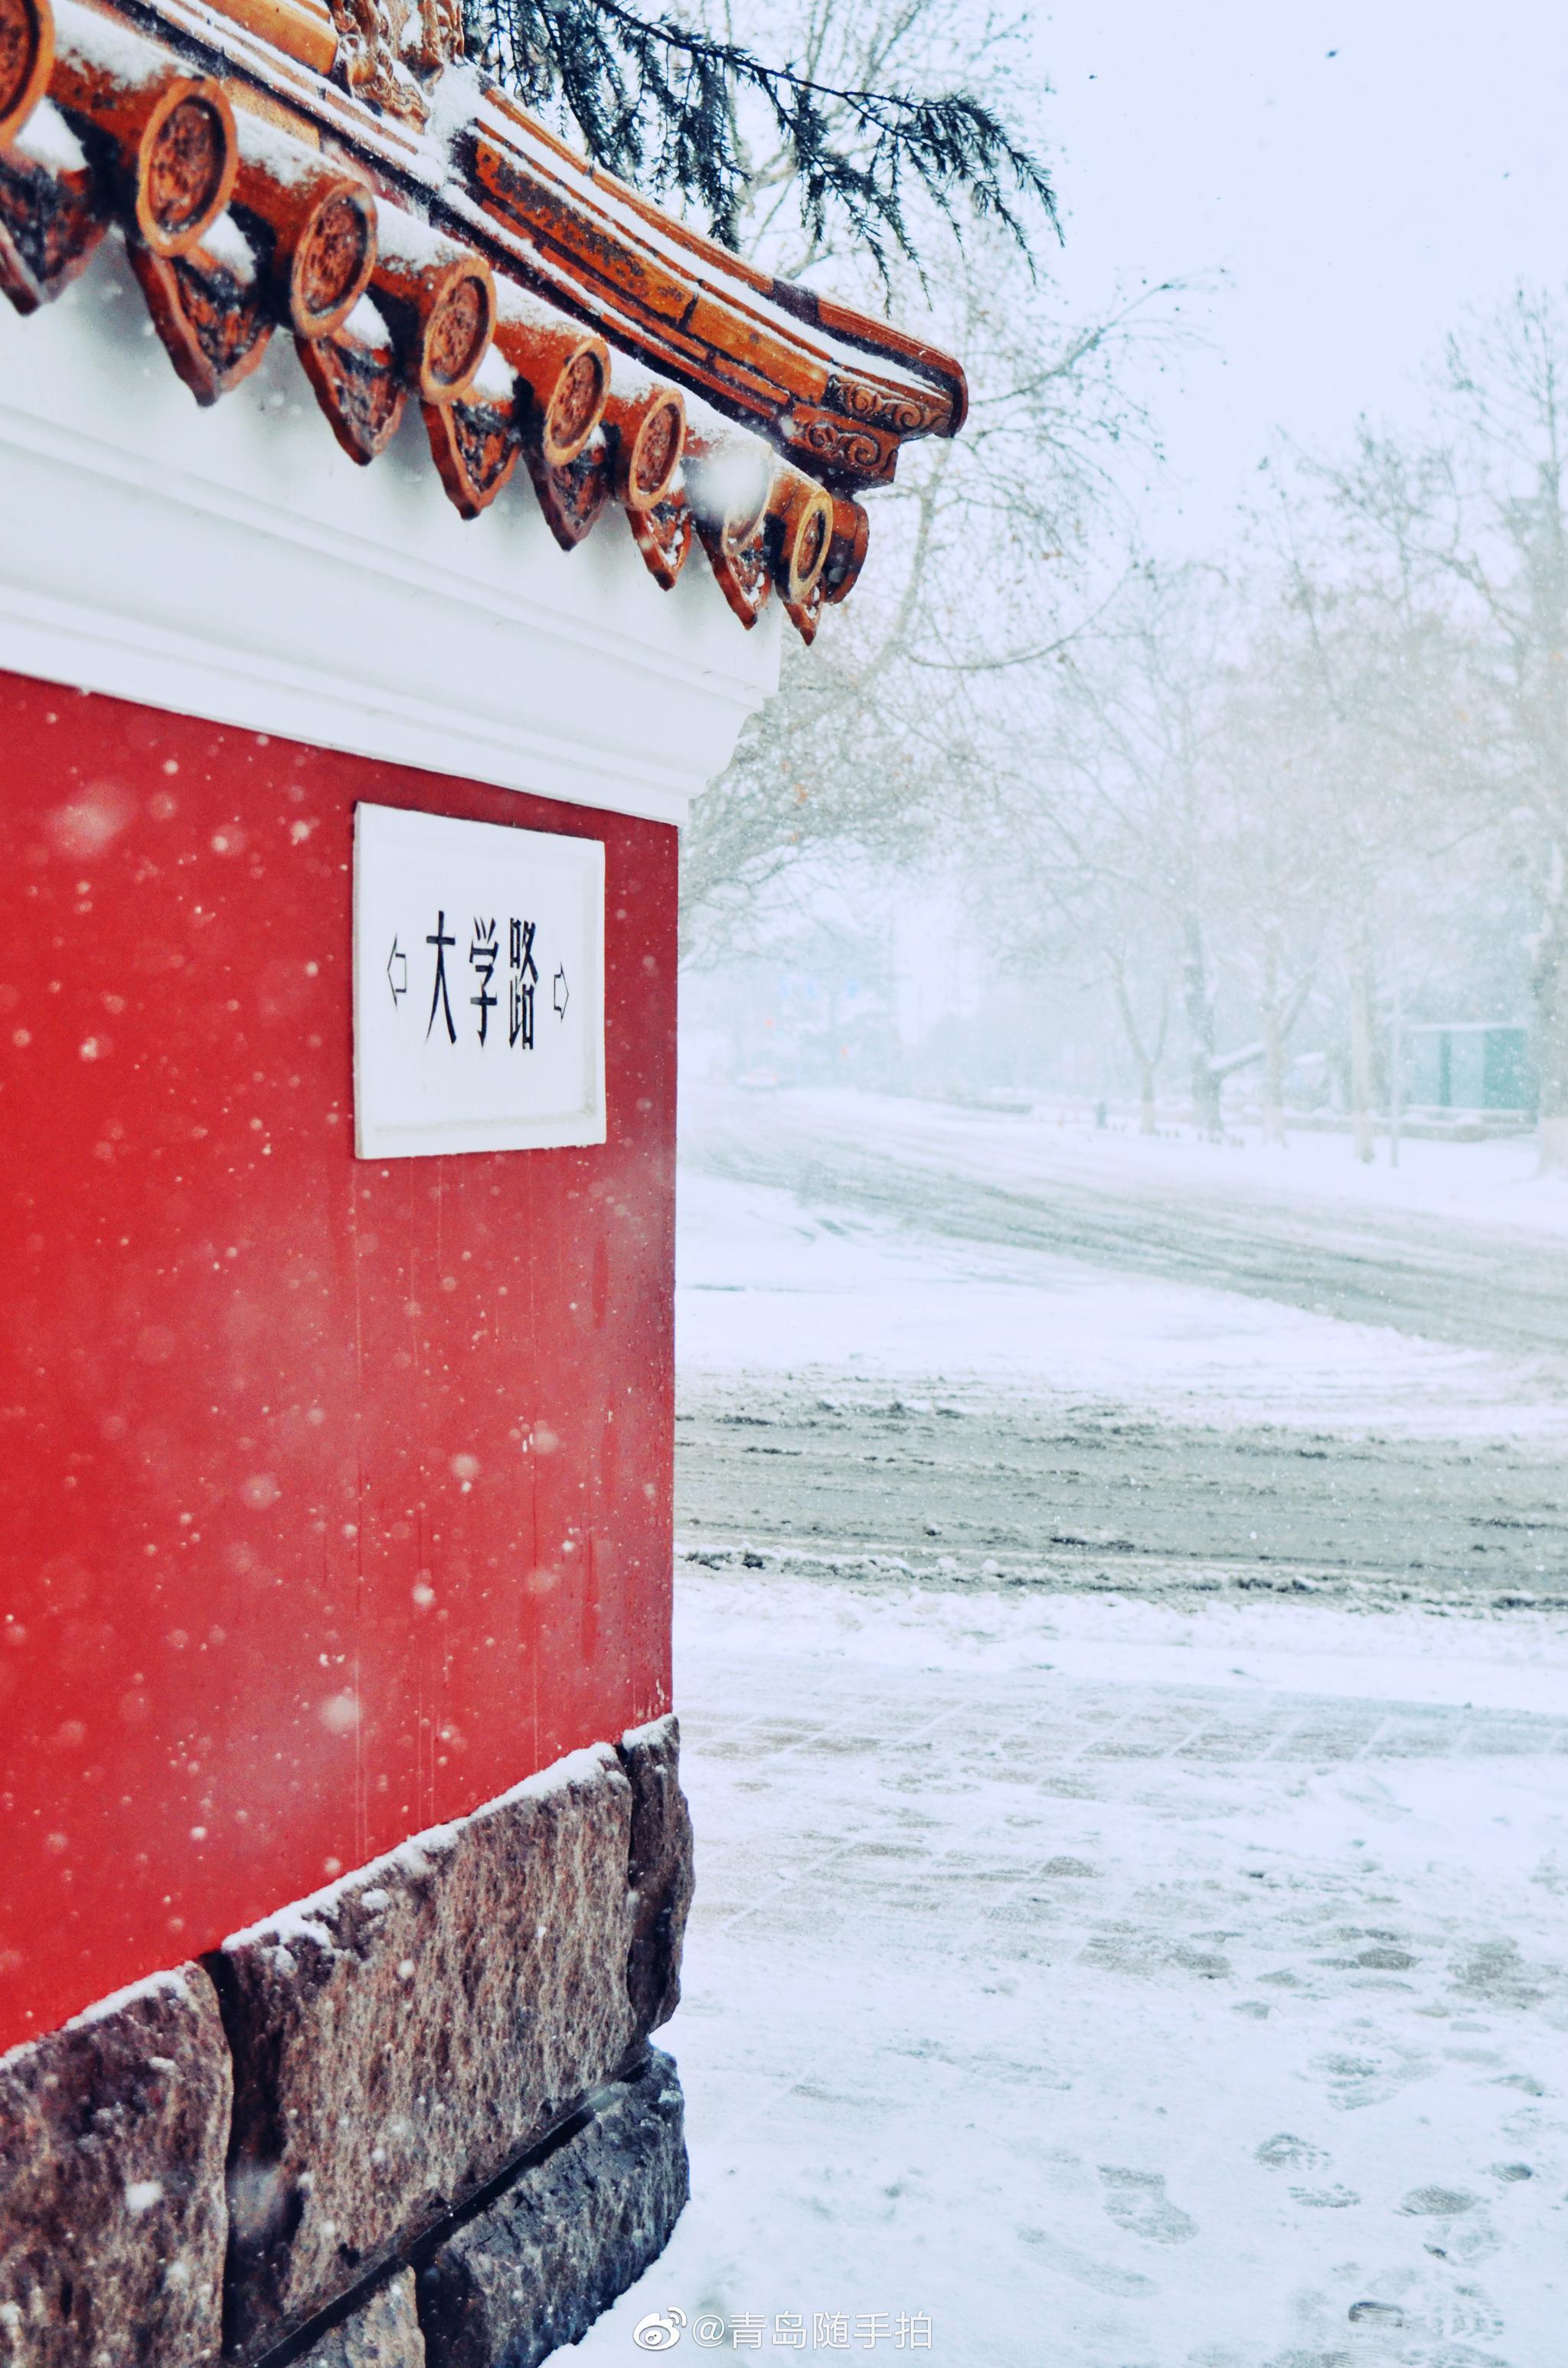 白雪映红墙银装素裹碎碎坠琼芳意境悠远来看青岛大学路&鱼山路的雪